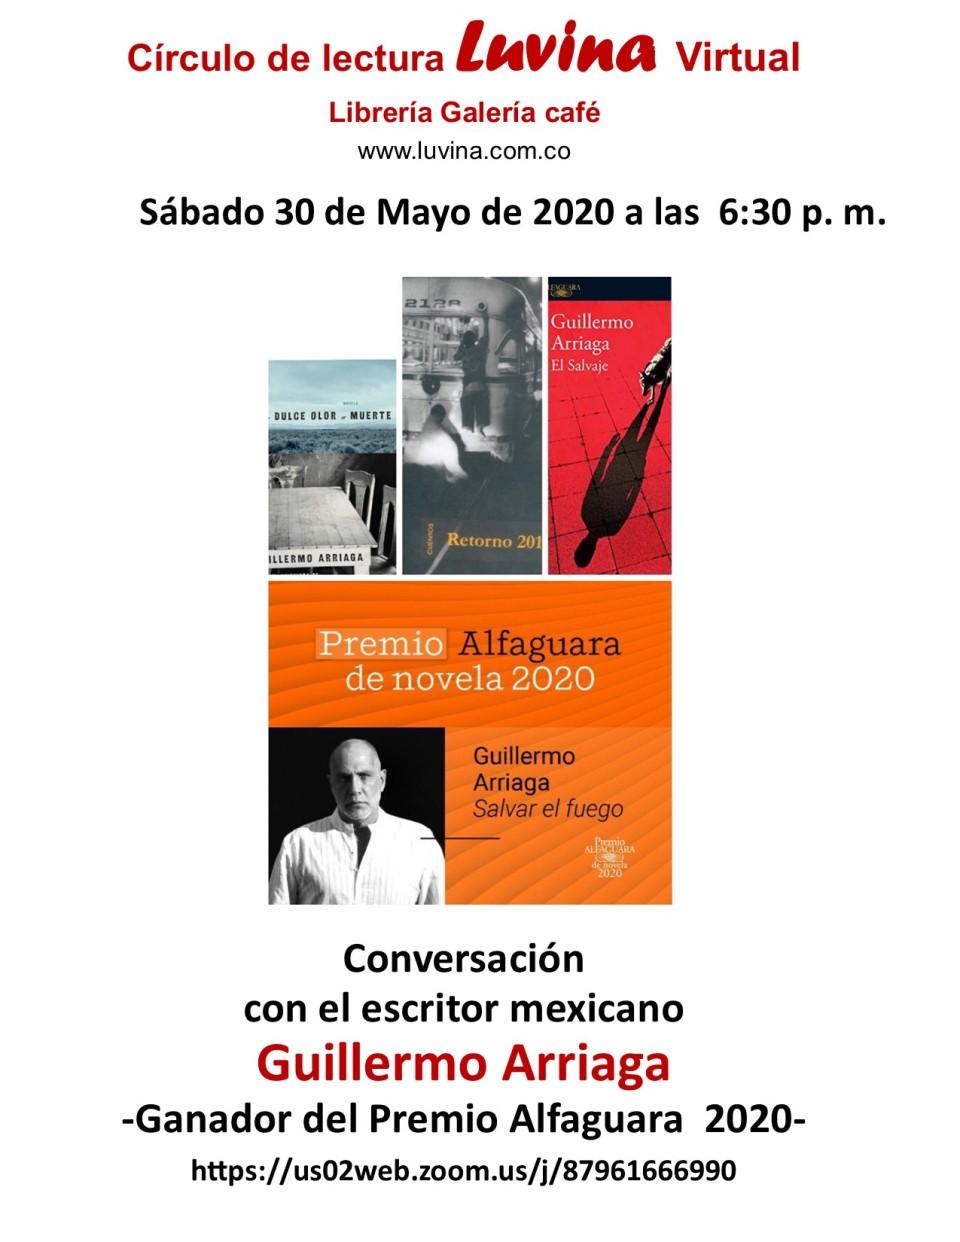 presentación de Guillermo Arriaga4